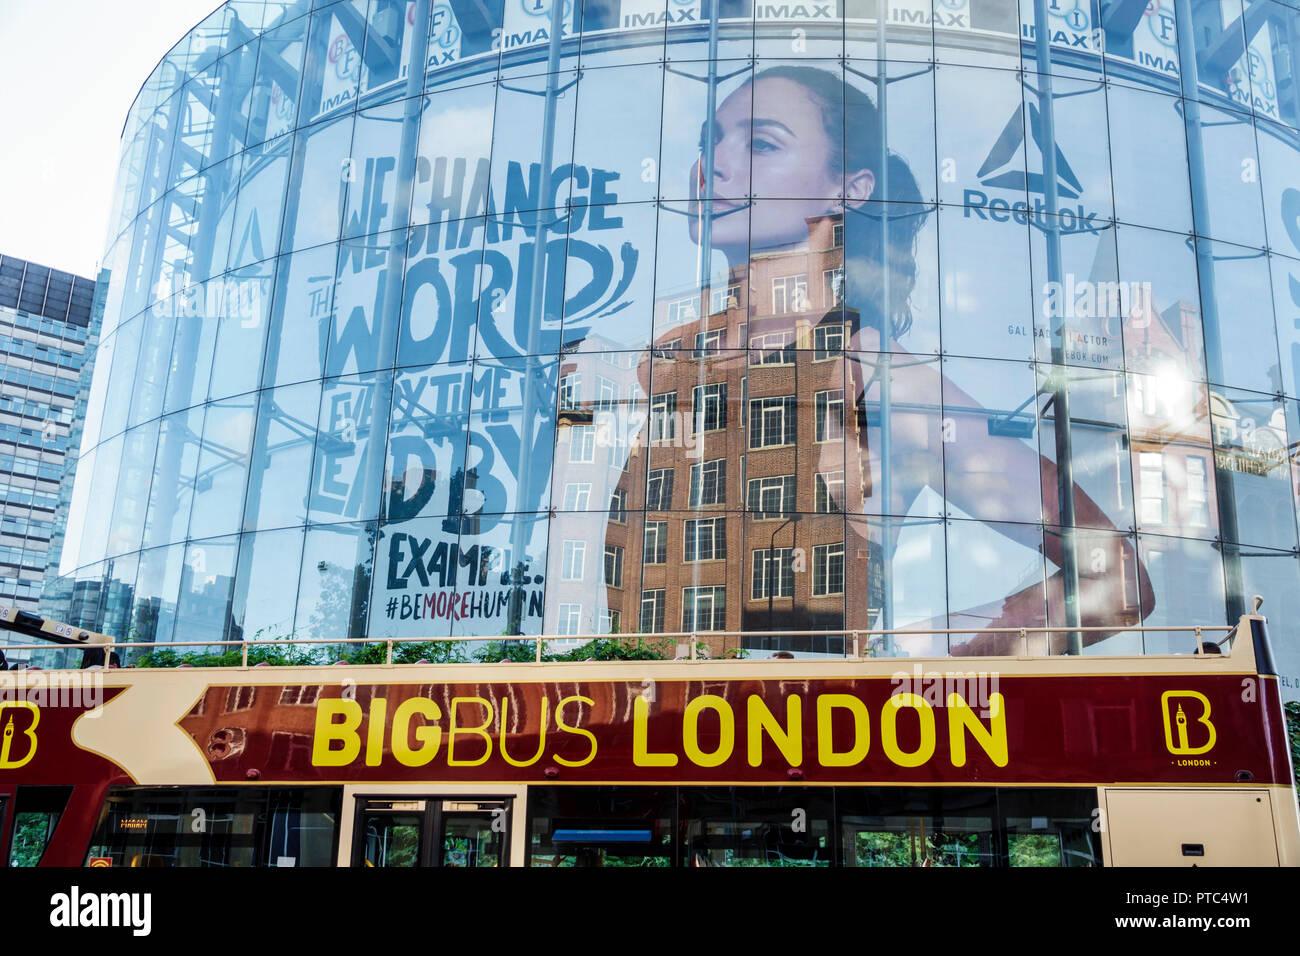 London England Vereinigtes Königreich Großbritannien Lambeth South Bank BFI IMAX-Kino Film Theater Theater außen glas Reflexion Big Bus hop-on Stockbild